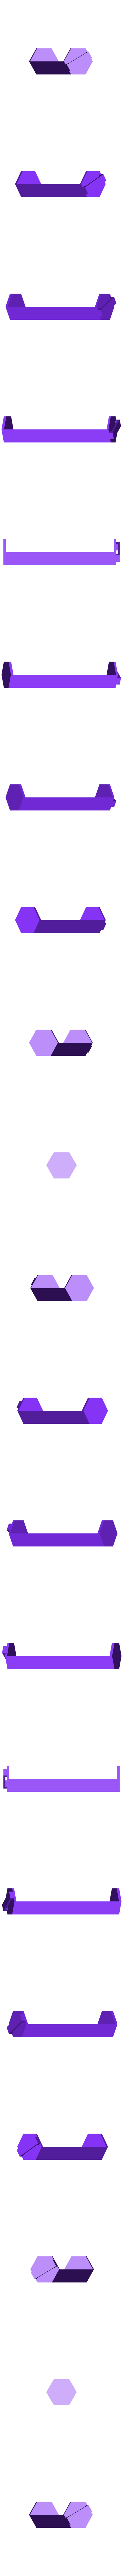 Box_Drawer.stl Télécharger fichier STL gratuit boîte nid d'abeille pour tonillos & Box • Plan pour impression 3D, Gonzalor